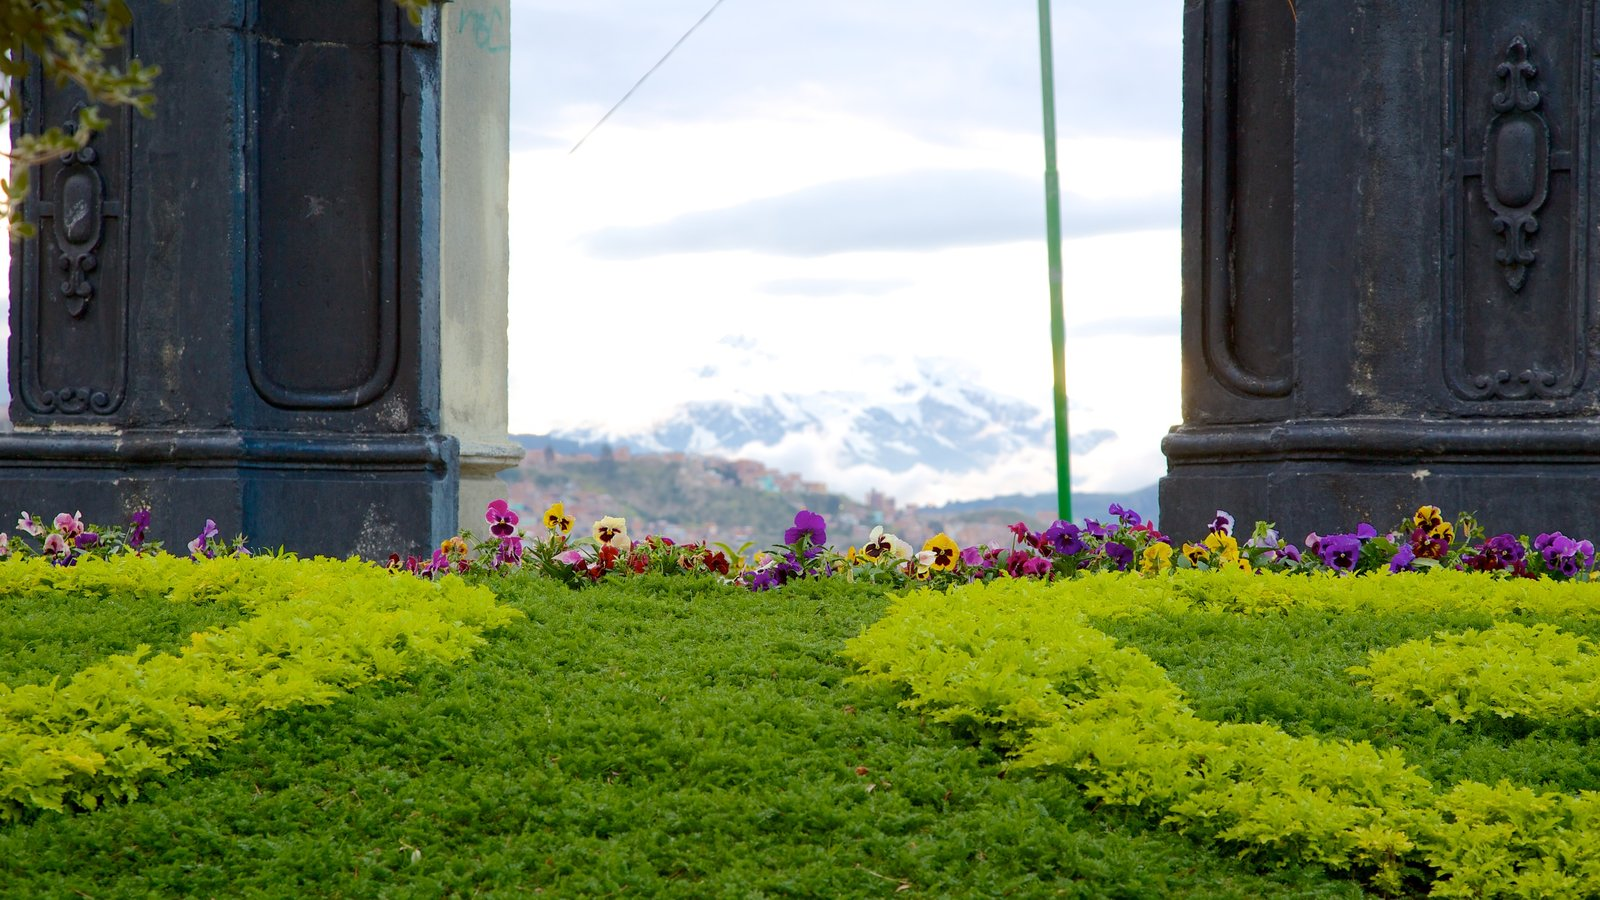 Fotos de parques y jardines ver im genes de bolivia for Cementerio jardin la paz bolivia